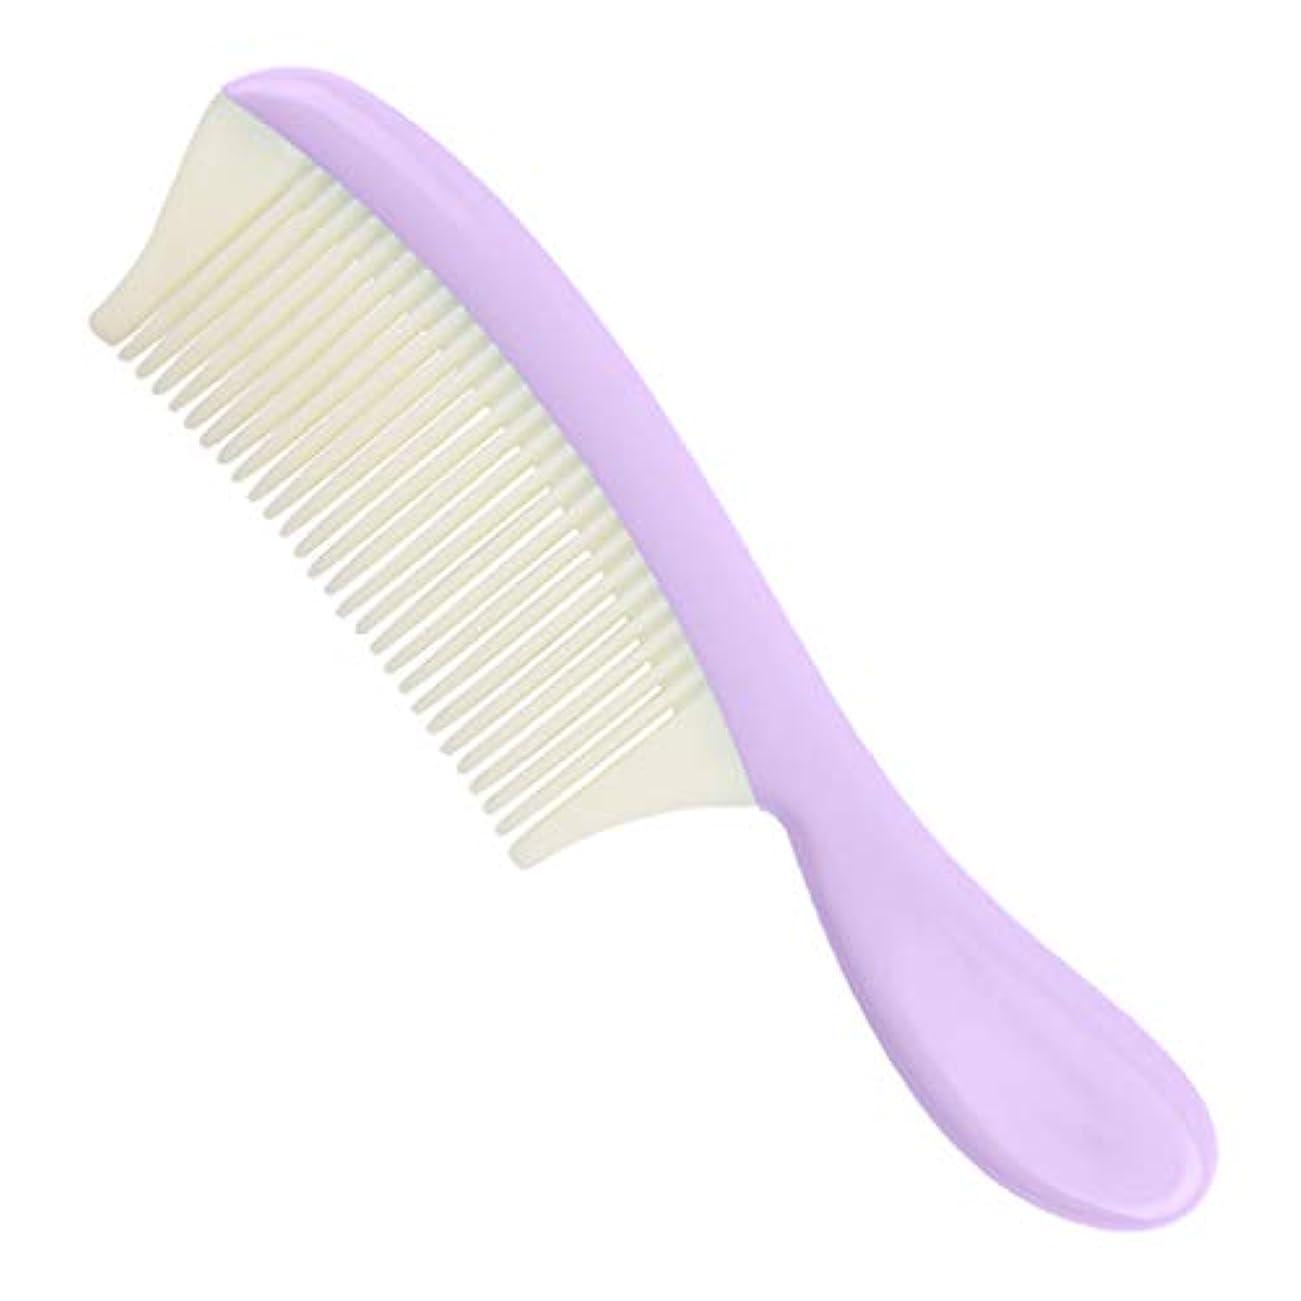 大気正午事業gazechimp ヘアコーム 取り外し可能 細かい歯 ヘアブラシ 髪の櫛 全4色 - 紫